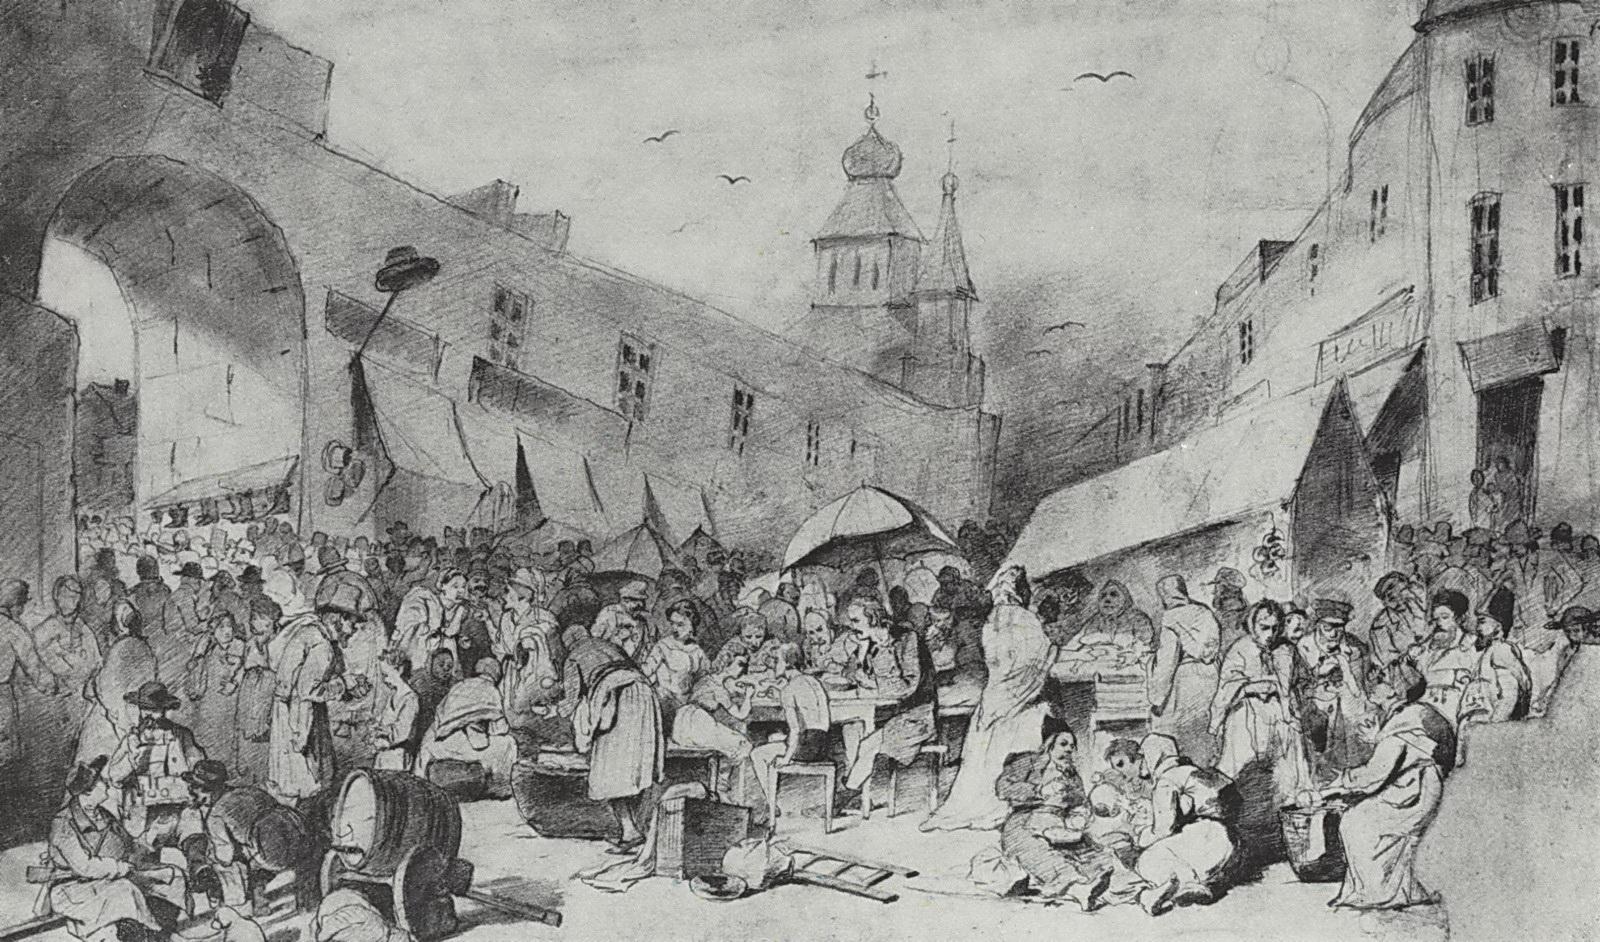 Толкучий рынок в Москве. 1868 Рис. 29,8х48,7 ГТГ